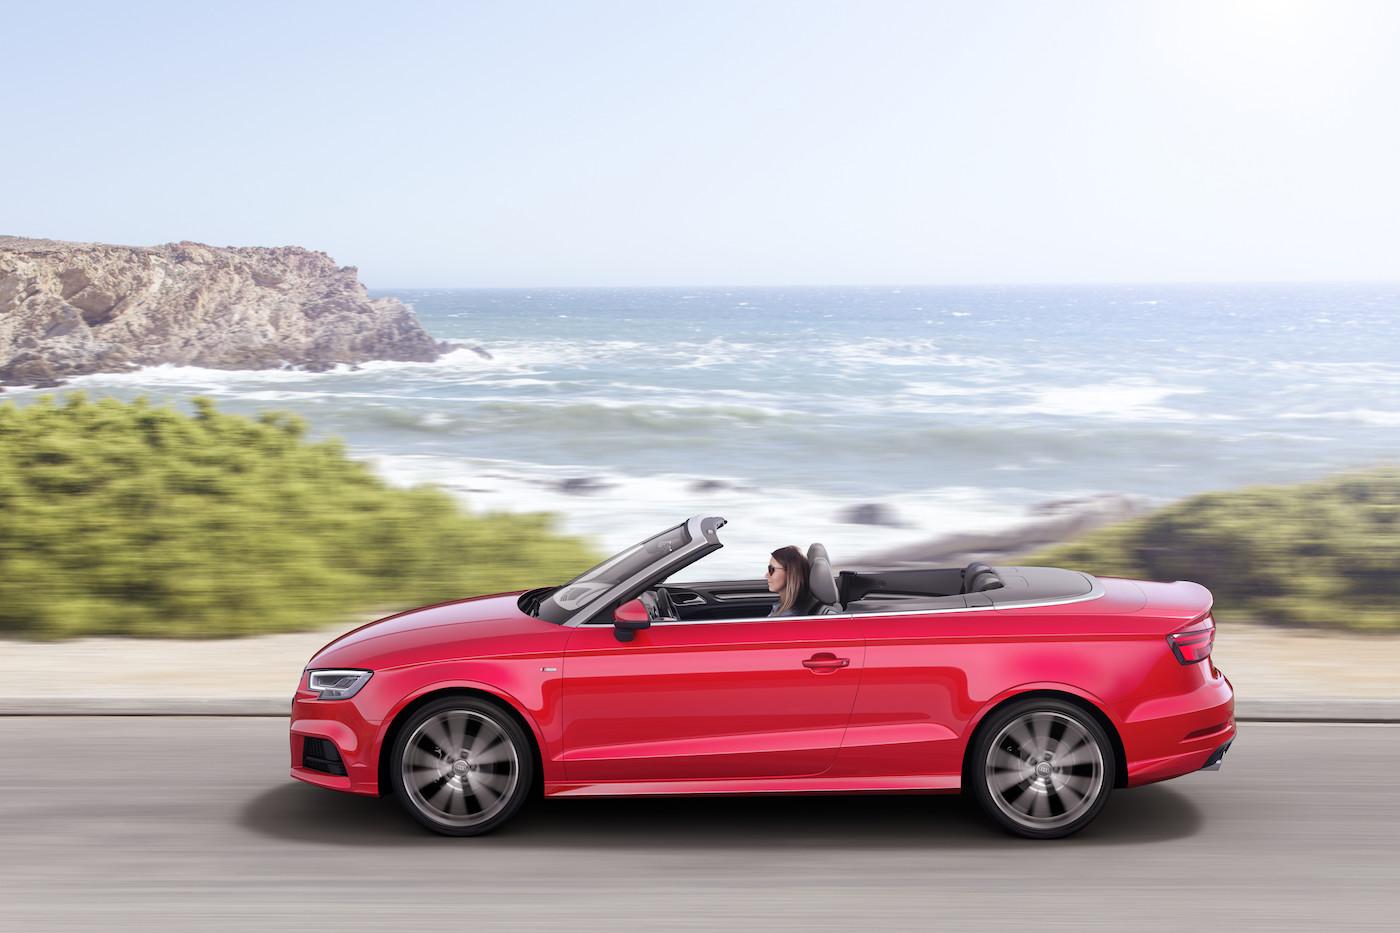 L'idéal pour l'été: Mobility propose aussi des Audi A3 décapotables. (Audi)